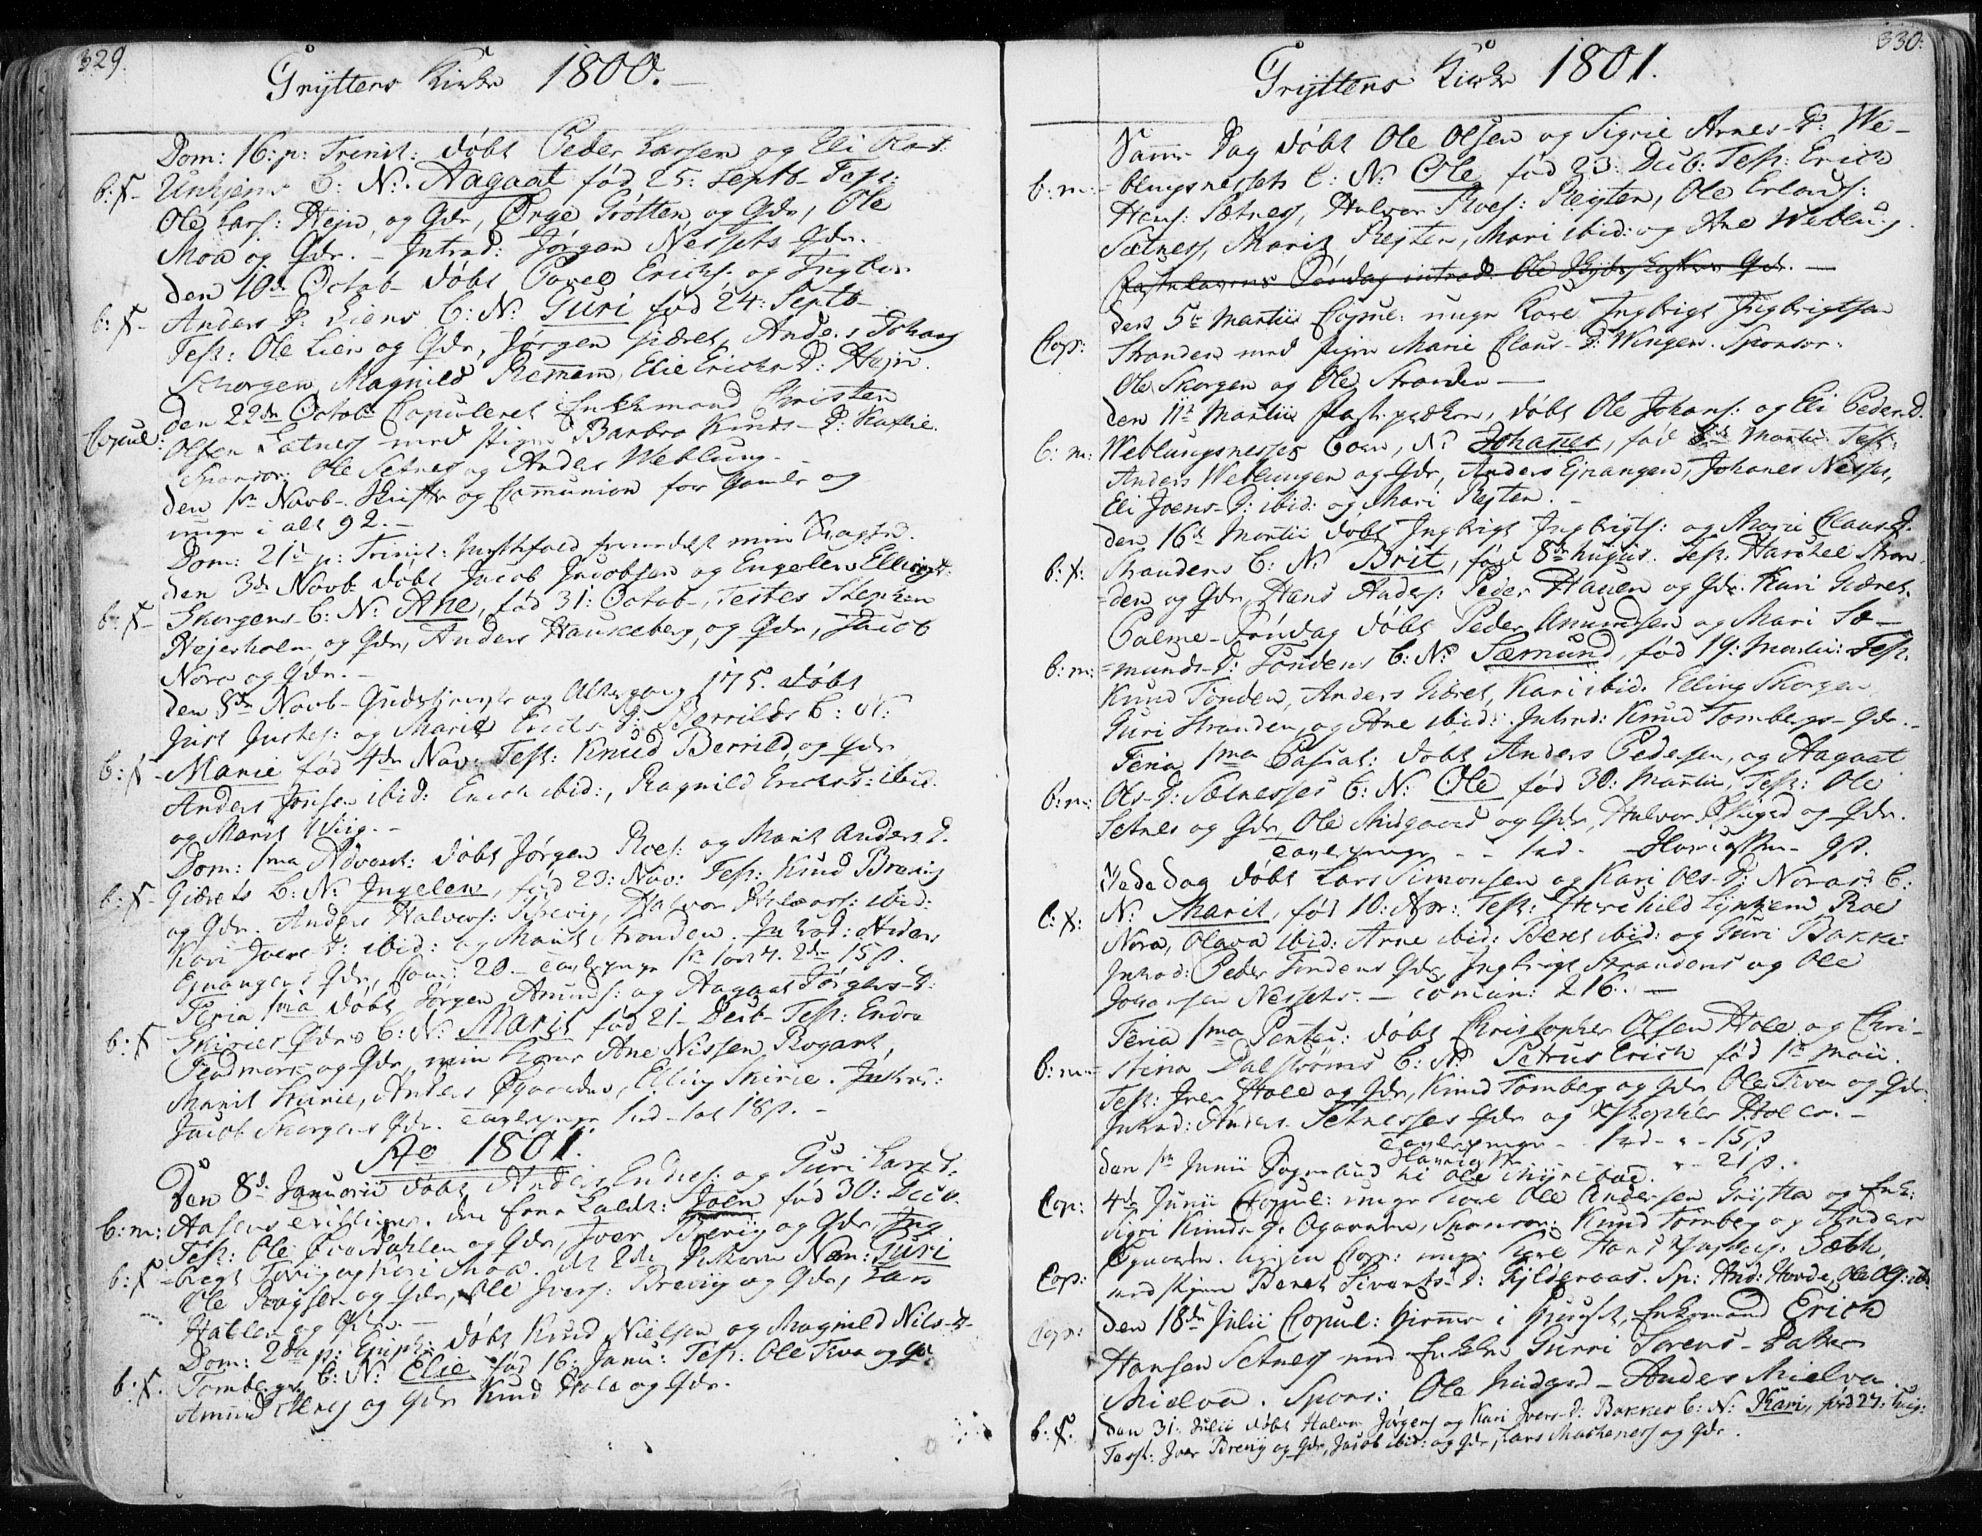 SAT, Ministerialprotokoller, klokkerbøker og fødselsregistre - Møre og Romsdal, 544/L0569: Ministerialbok nr. 544A02, 1764-1806, s. 329-330